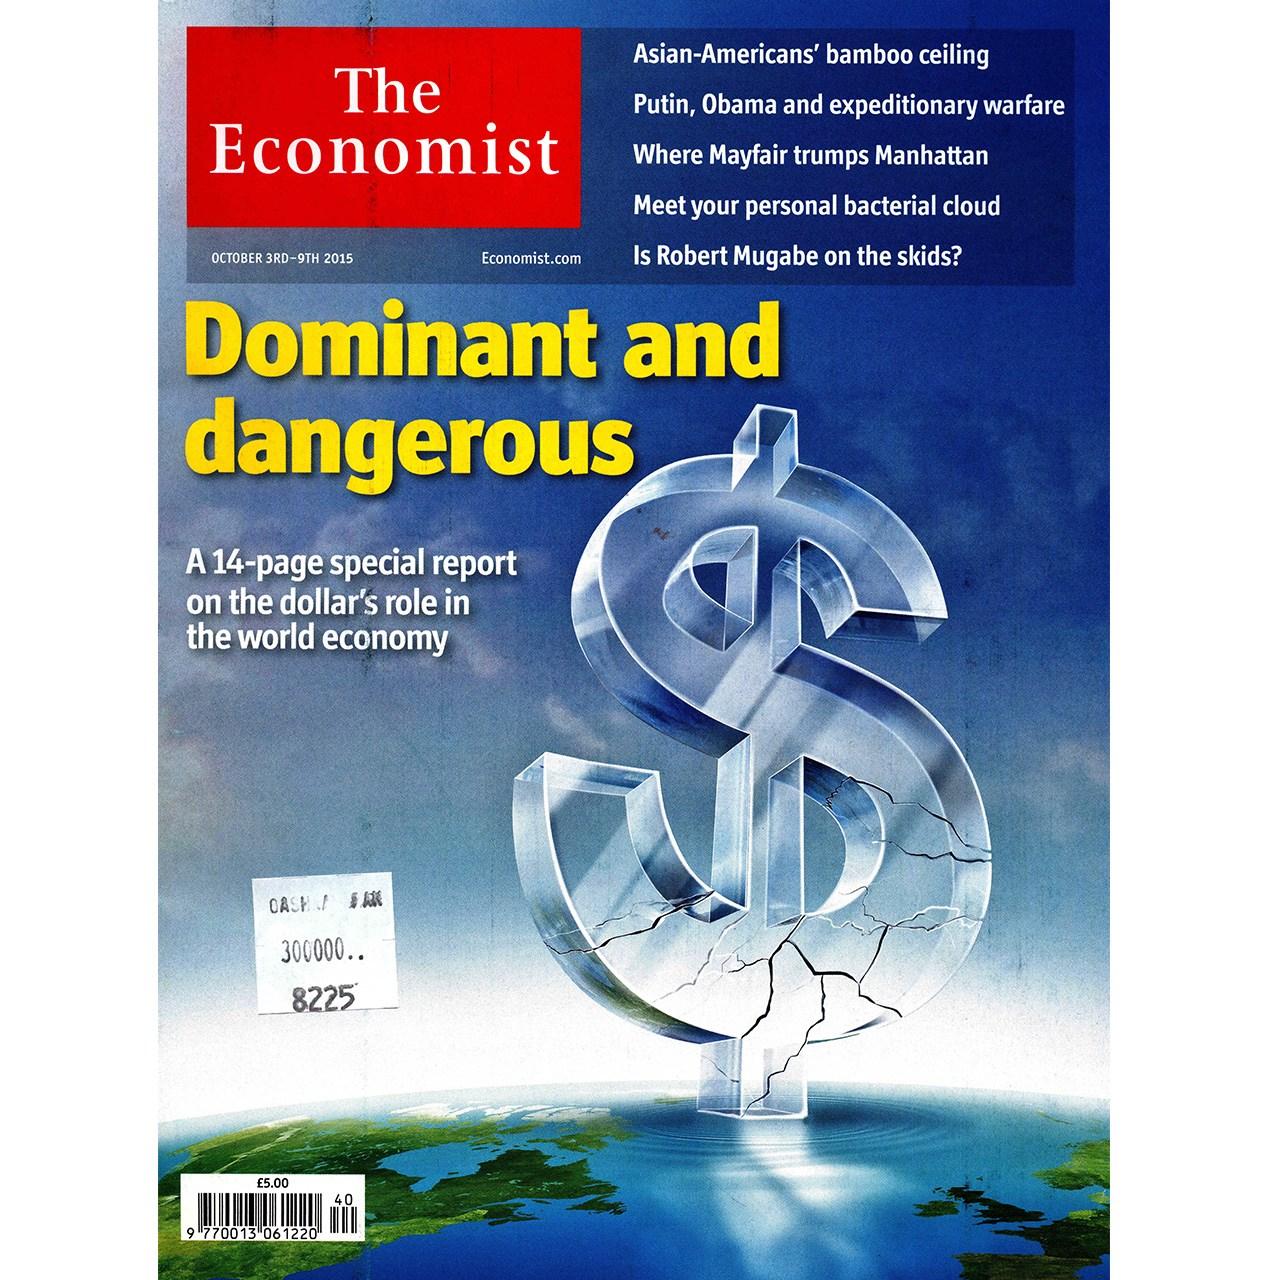 مجله اکونومیست - نهم اکتبر 2015